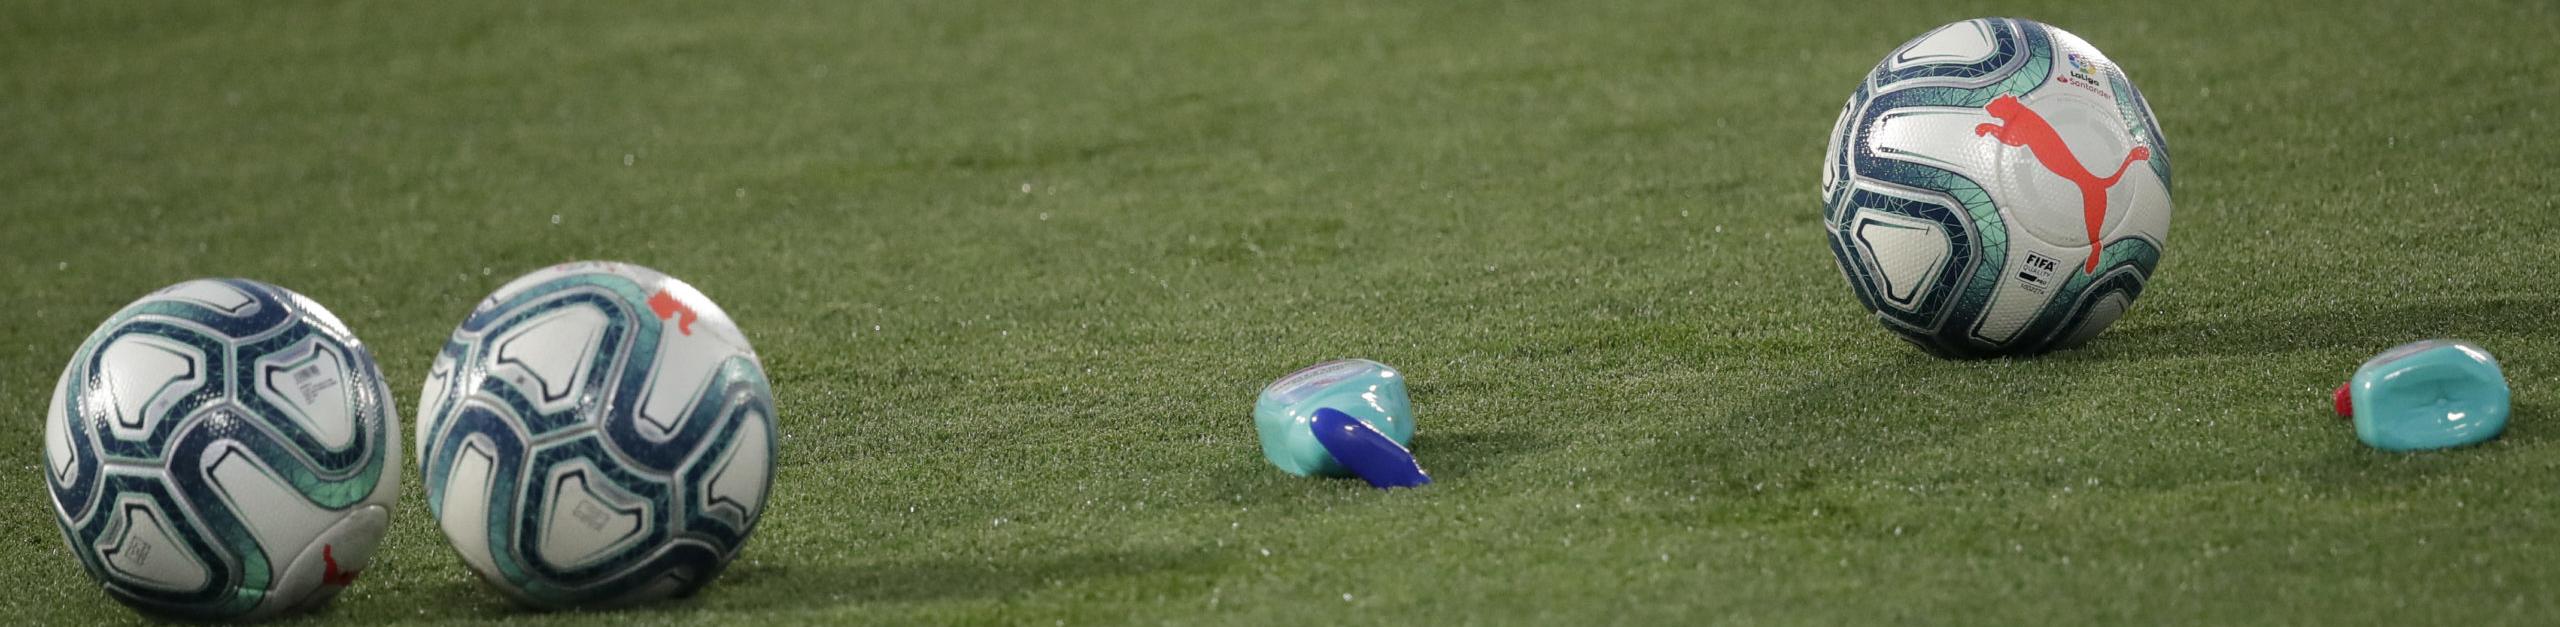 Scommesse sportive, il palinsesto bwin del 24/06/2020: tre campionati top in campo